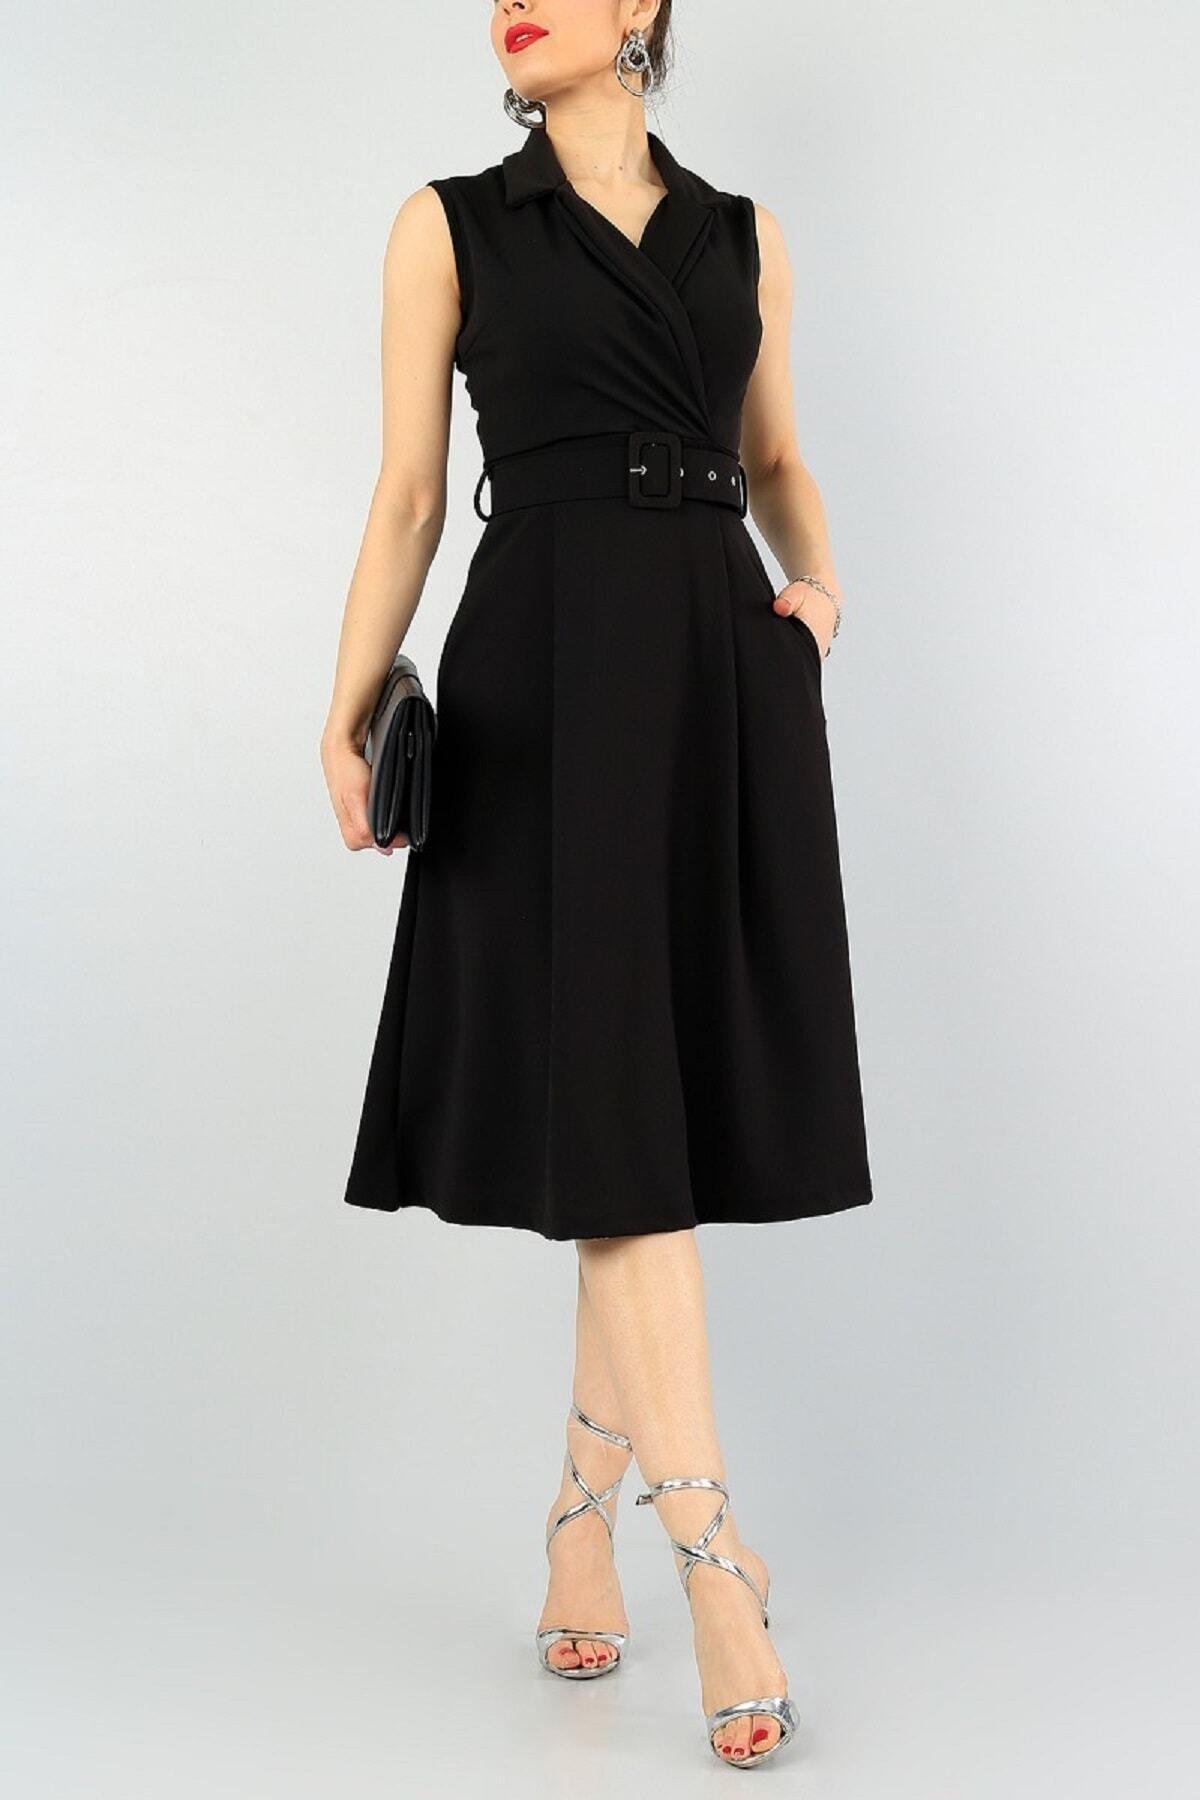 Esnek Kumaş Kruvaze Yaka Kemer Detaylı Pileli Dizaltı Siyah Abiye Elbise 59434